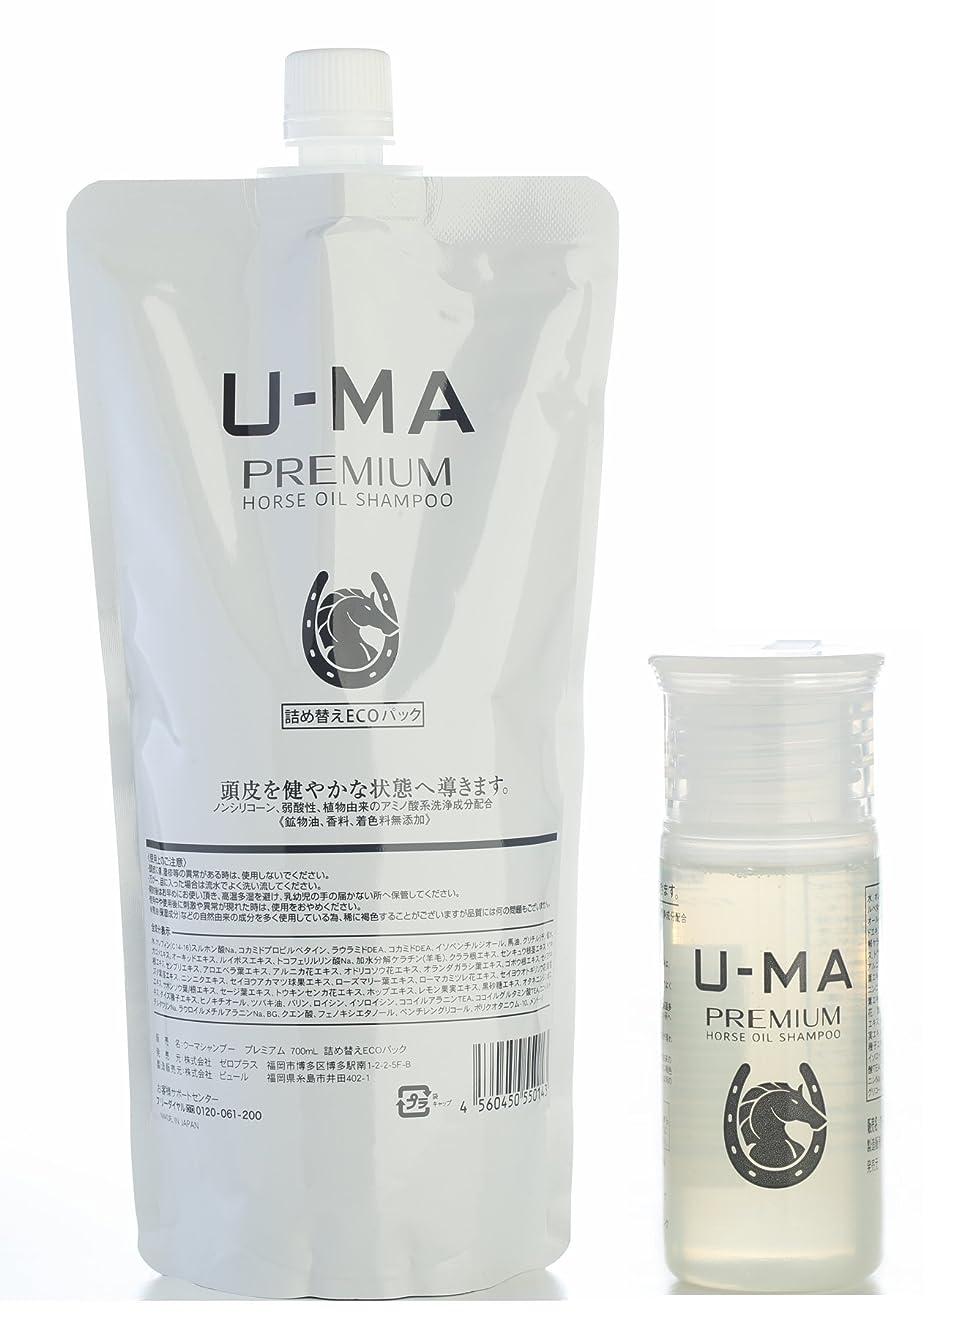 最高経験的発表U-MA ウーマシャンプープレミアム 詰め替え 700ml (約5ヶ月分) & シャンプー ミニボトル 30ml